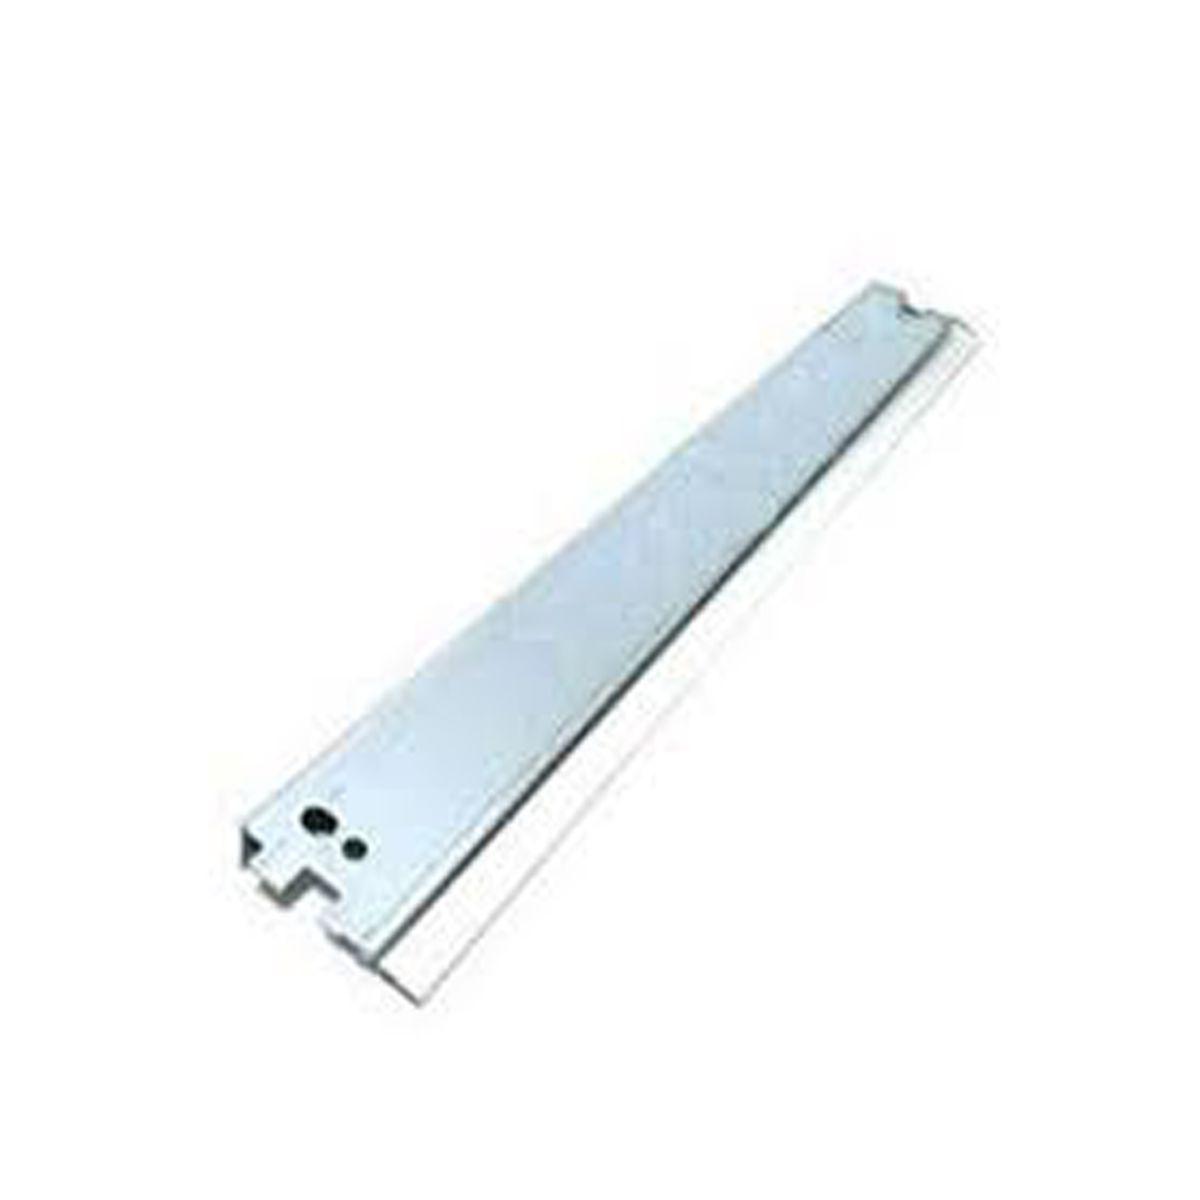 Lamina Limpeza Wiper Blade HP CF210 CF211 CF212 CF213 -M251N M251NW M276N